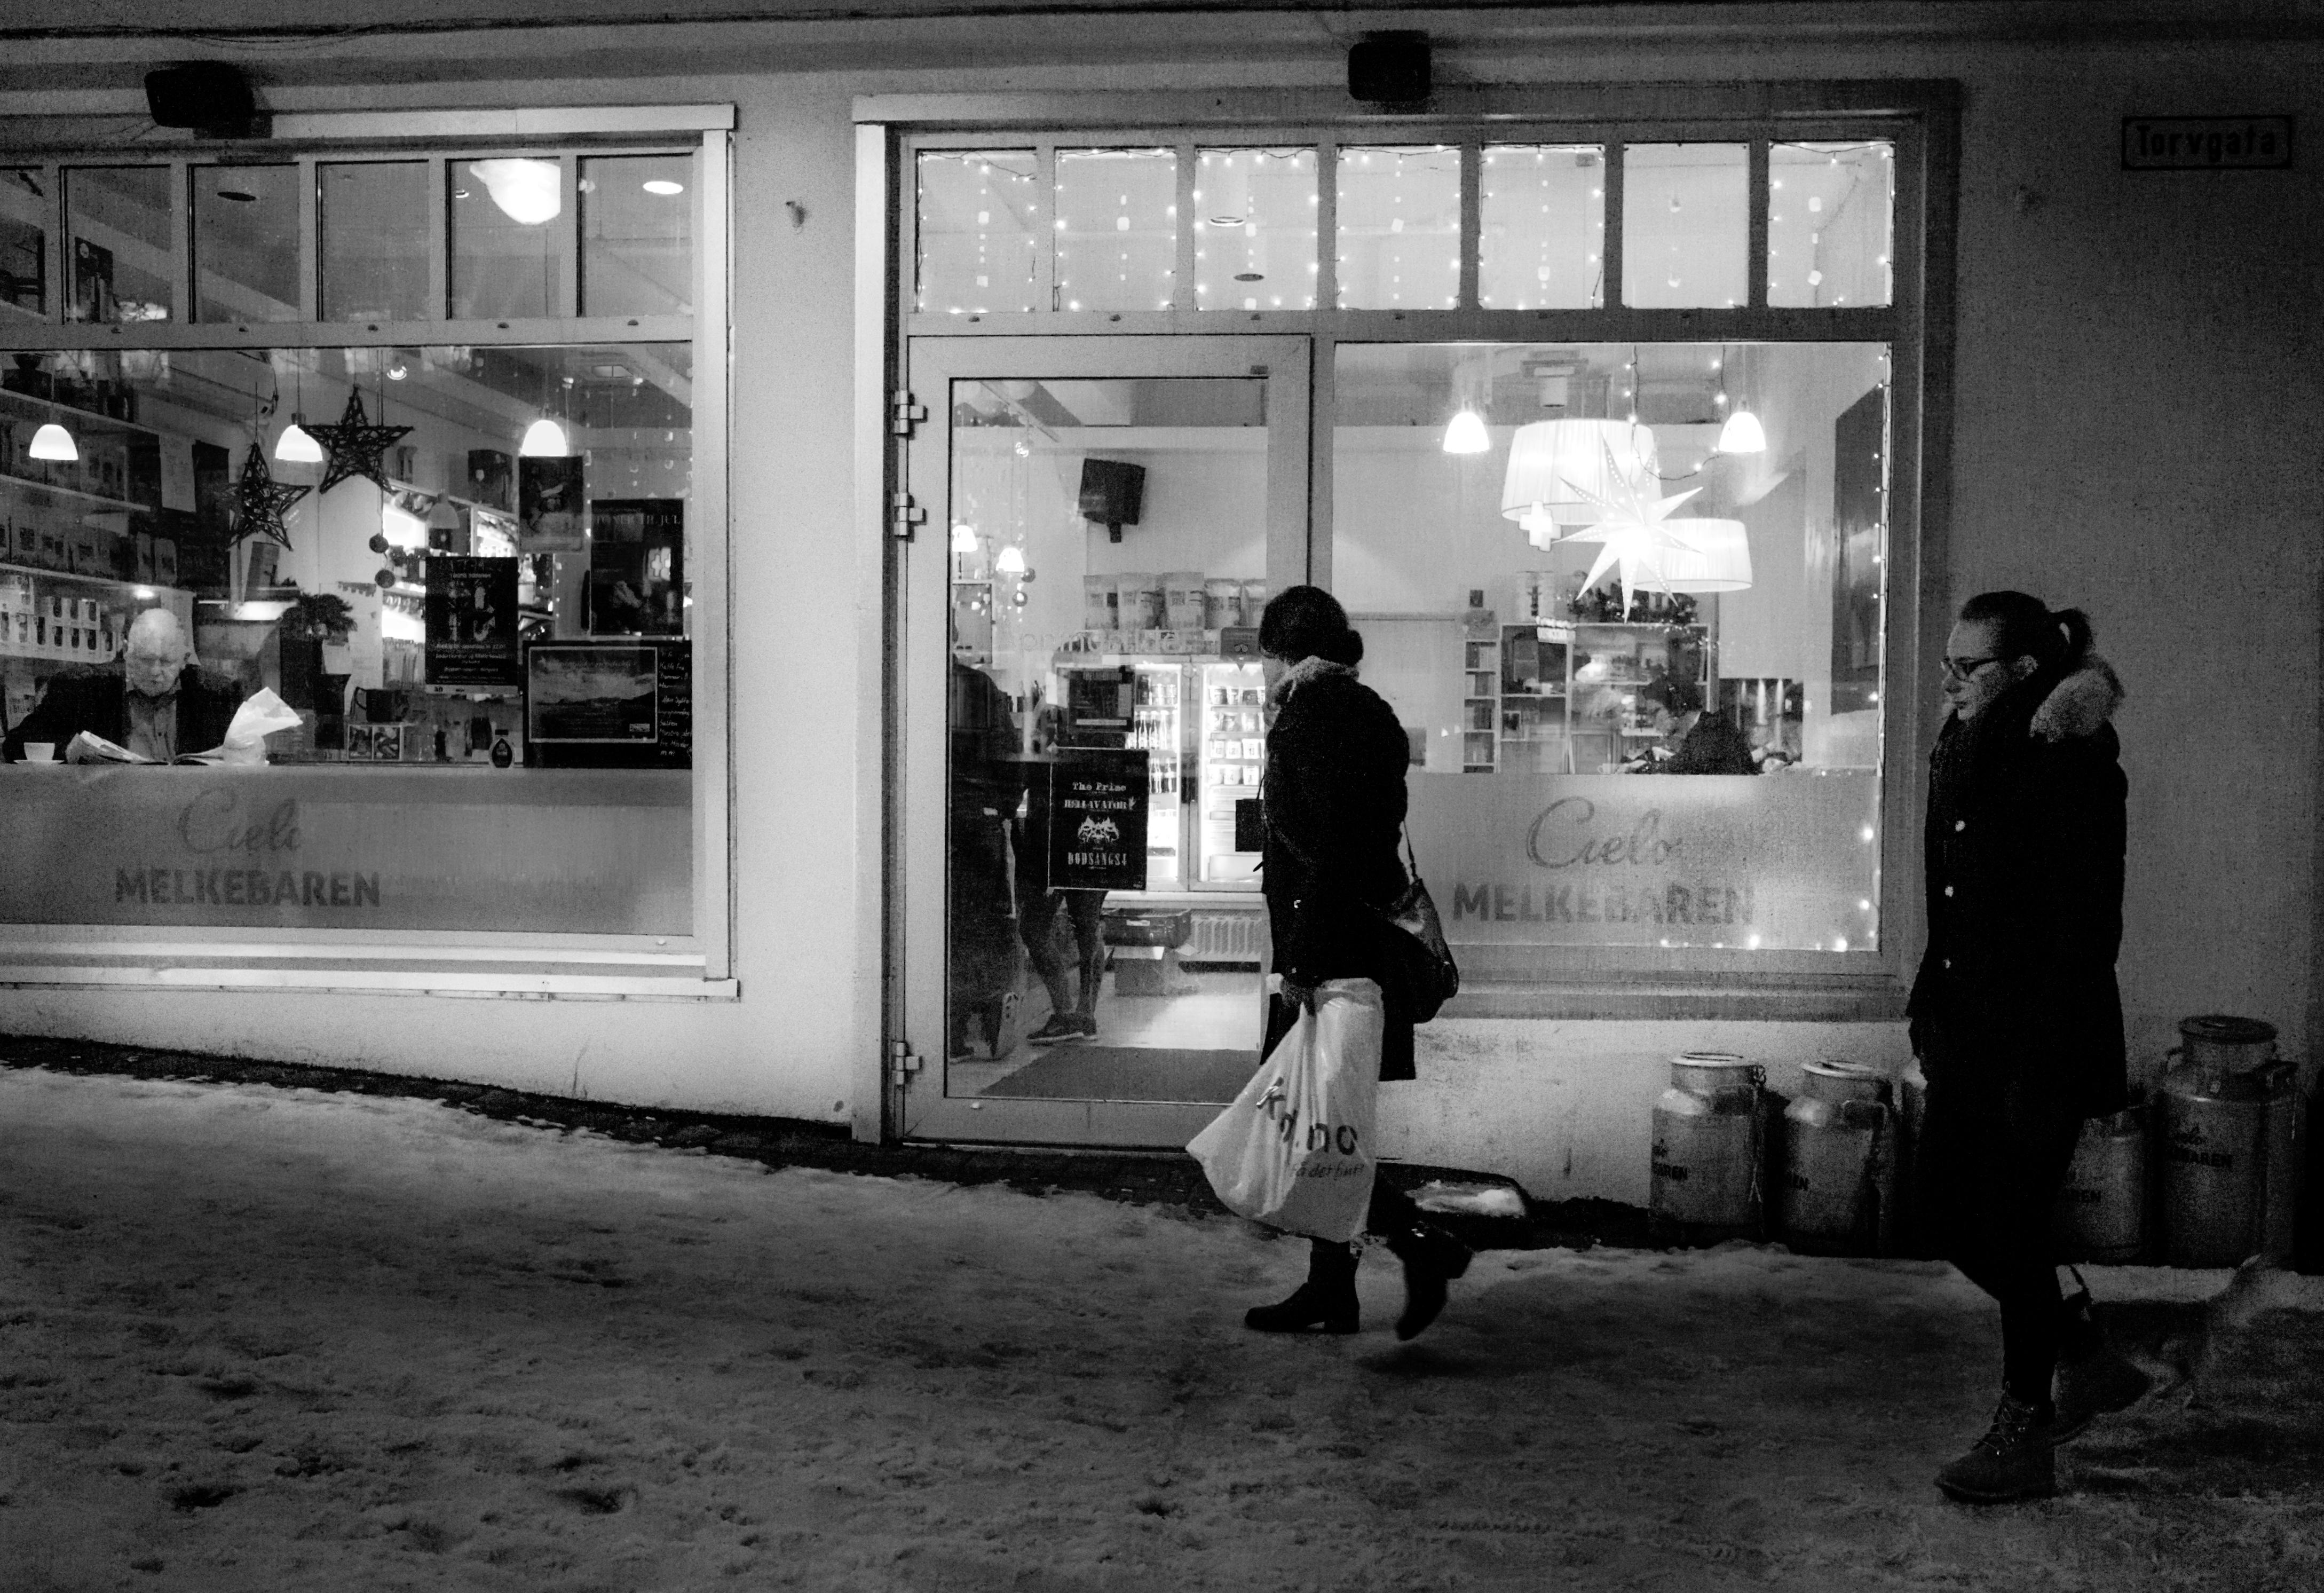 Cielo Melkebaren December, Bodø, Black, Noiretblanc, White, Walking, HQ Photo